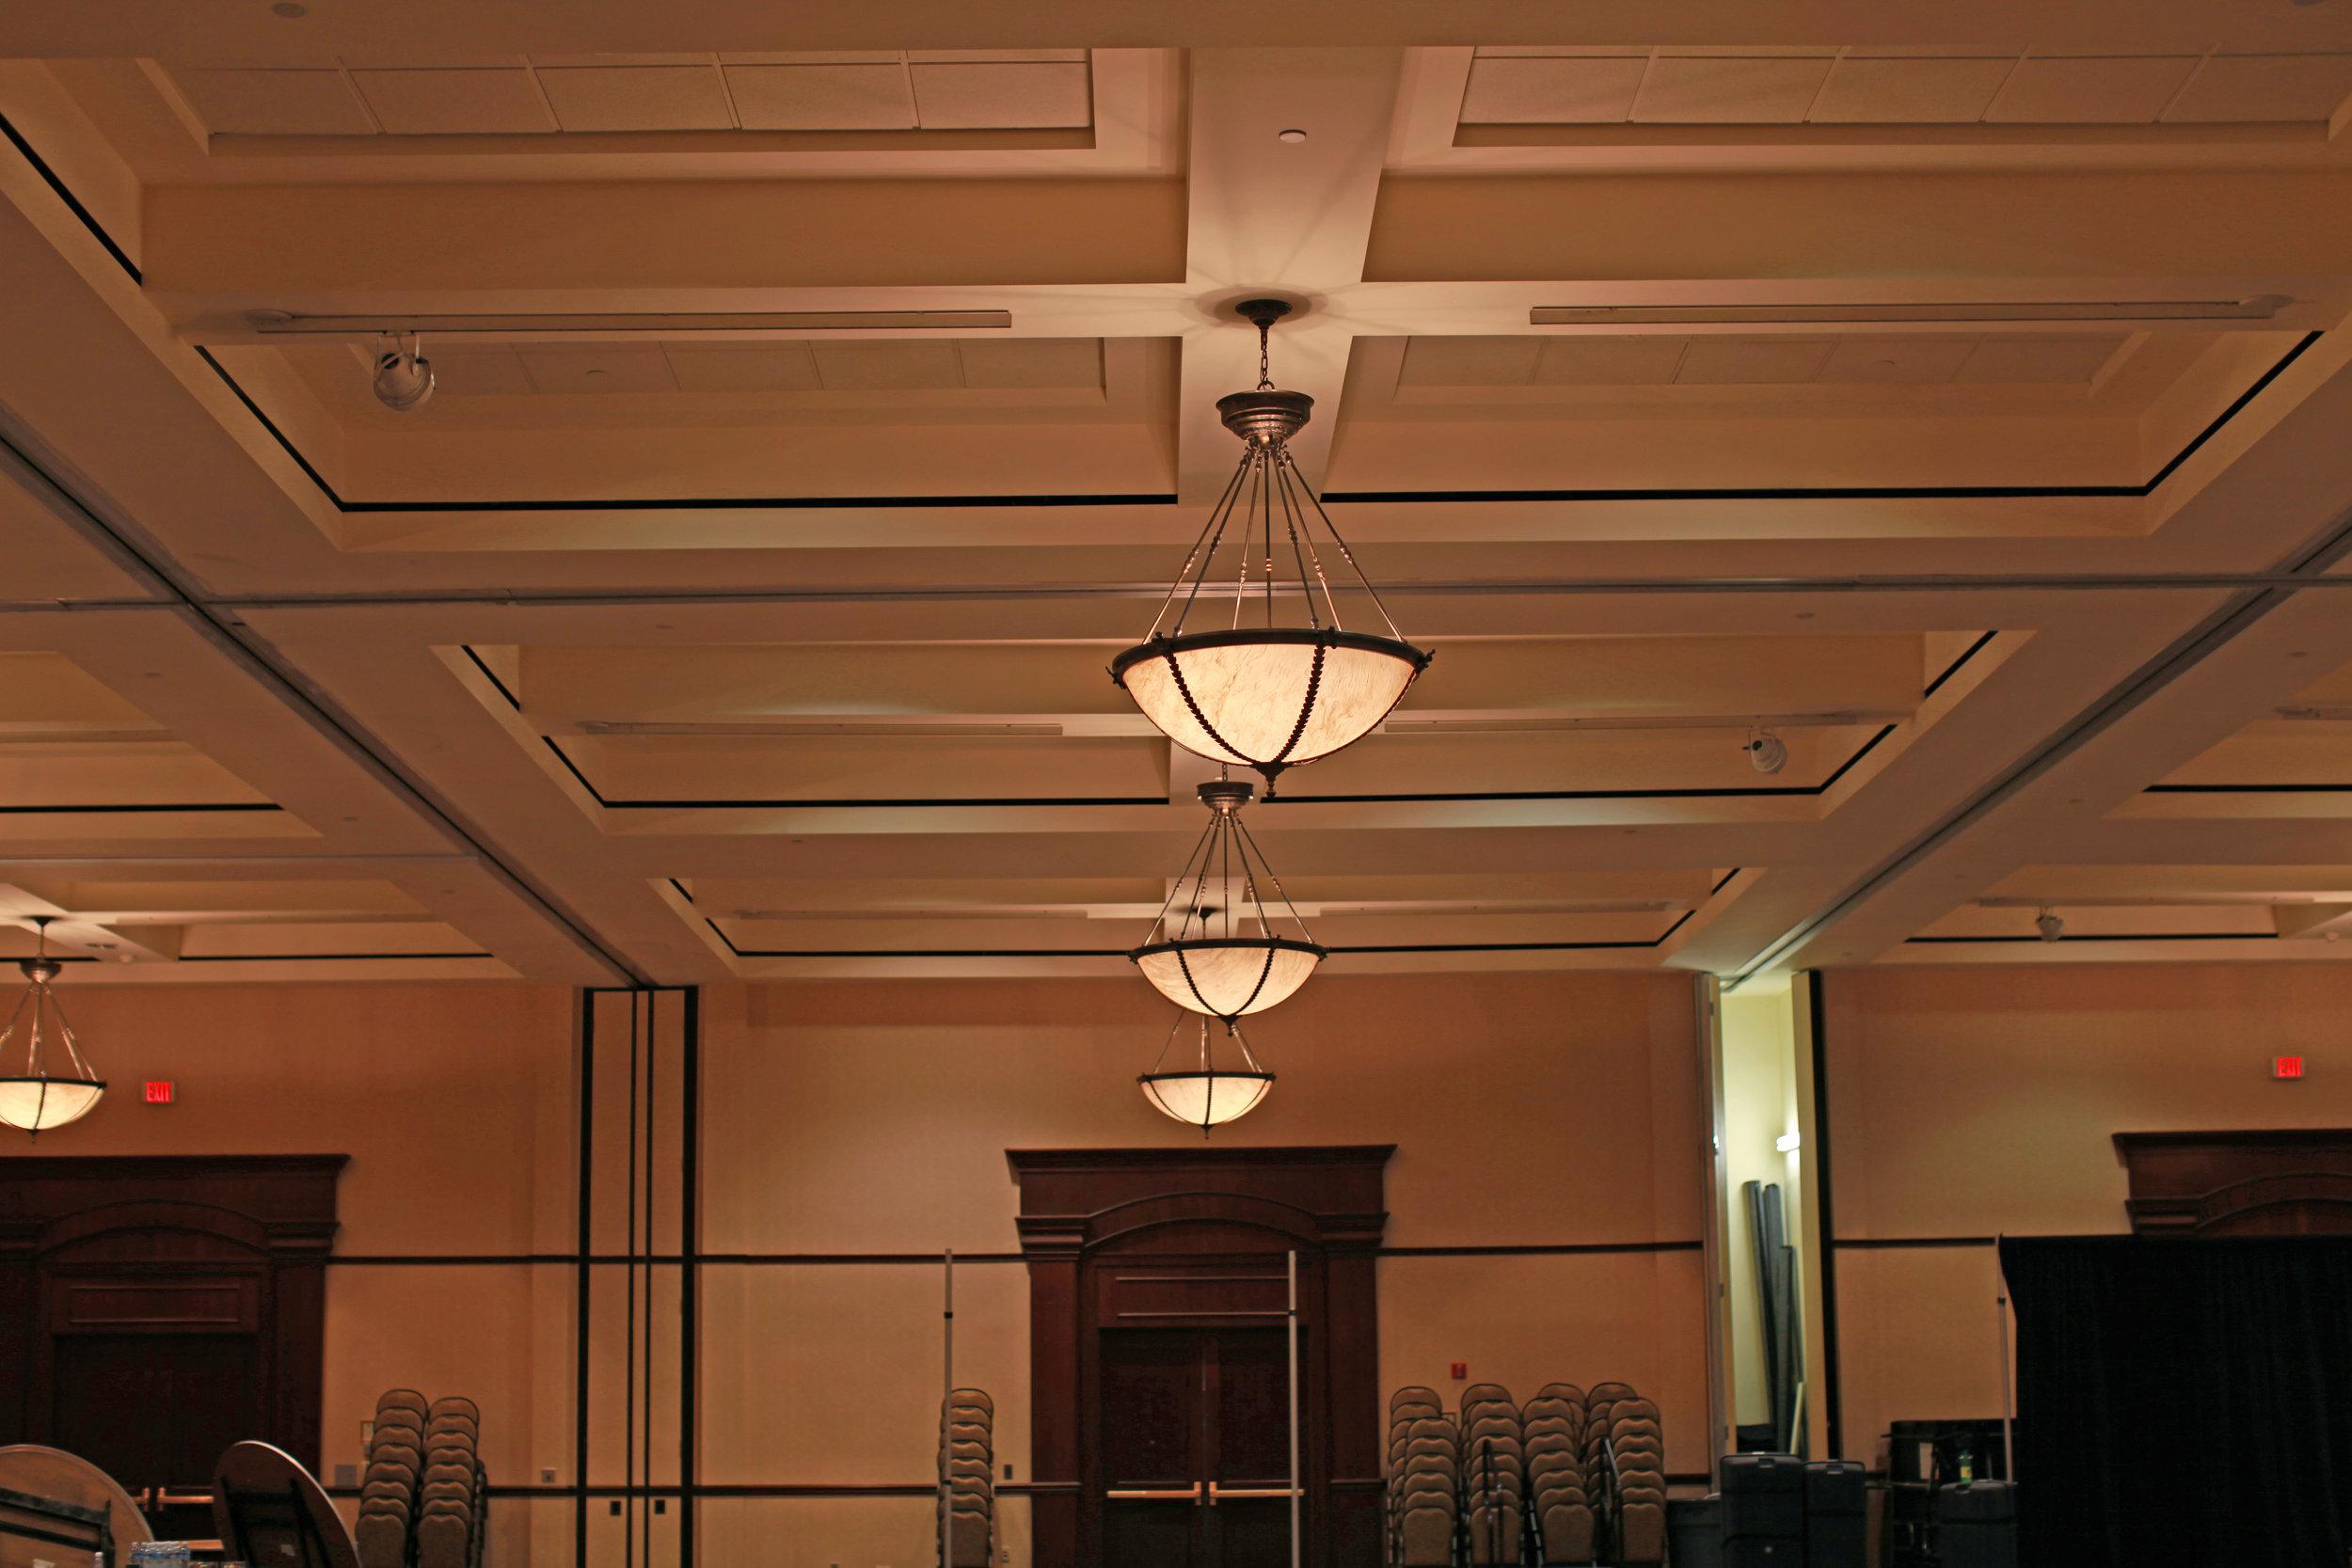 hotel roanoke (5).JPG